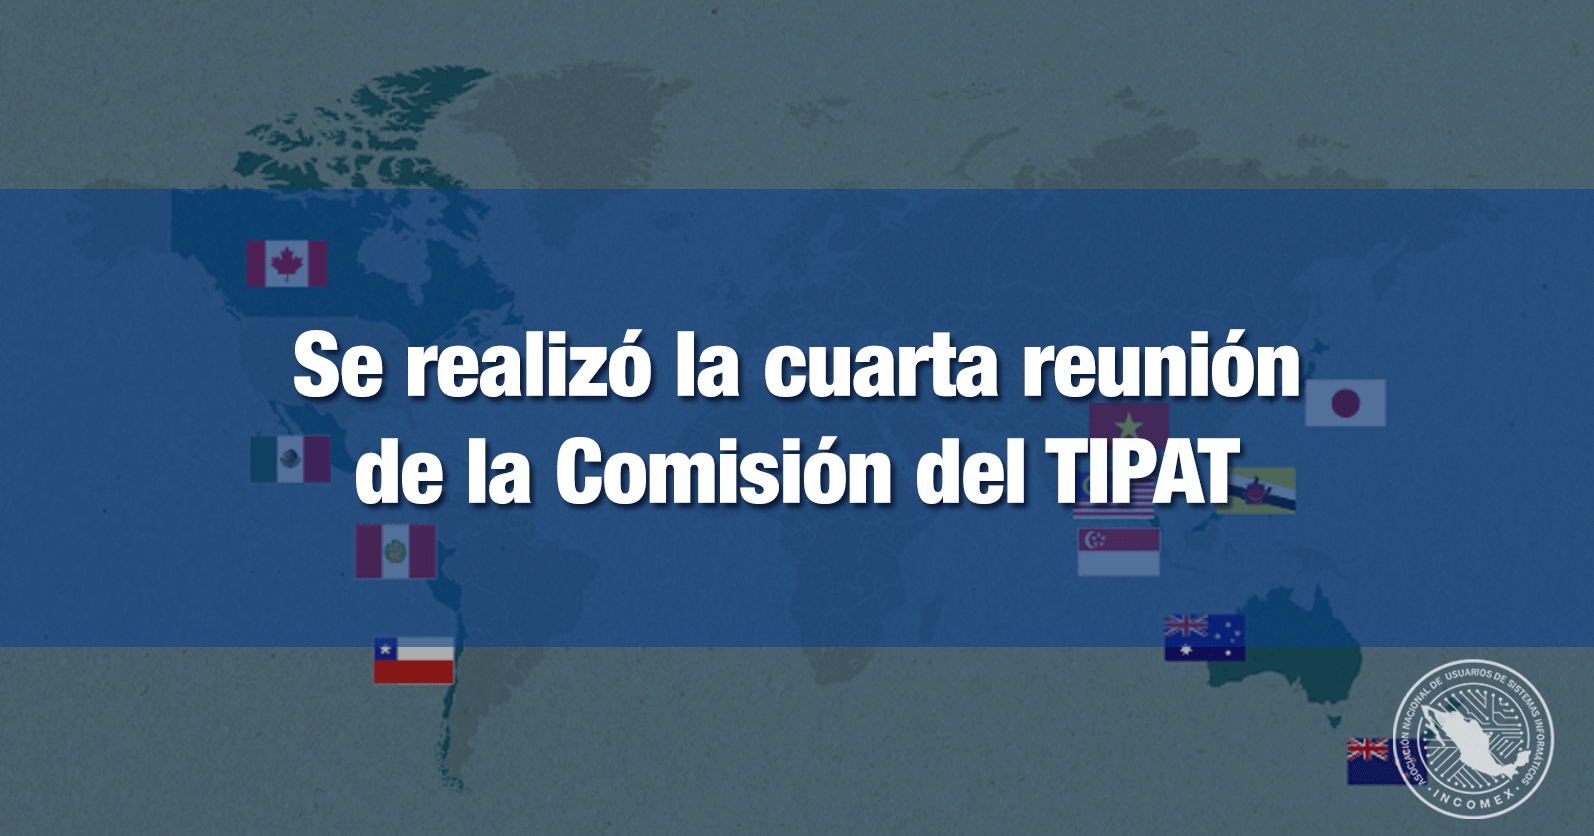 Se realizó la cuarta reunión de la Comisión del TIPAT